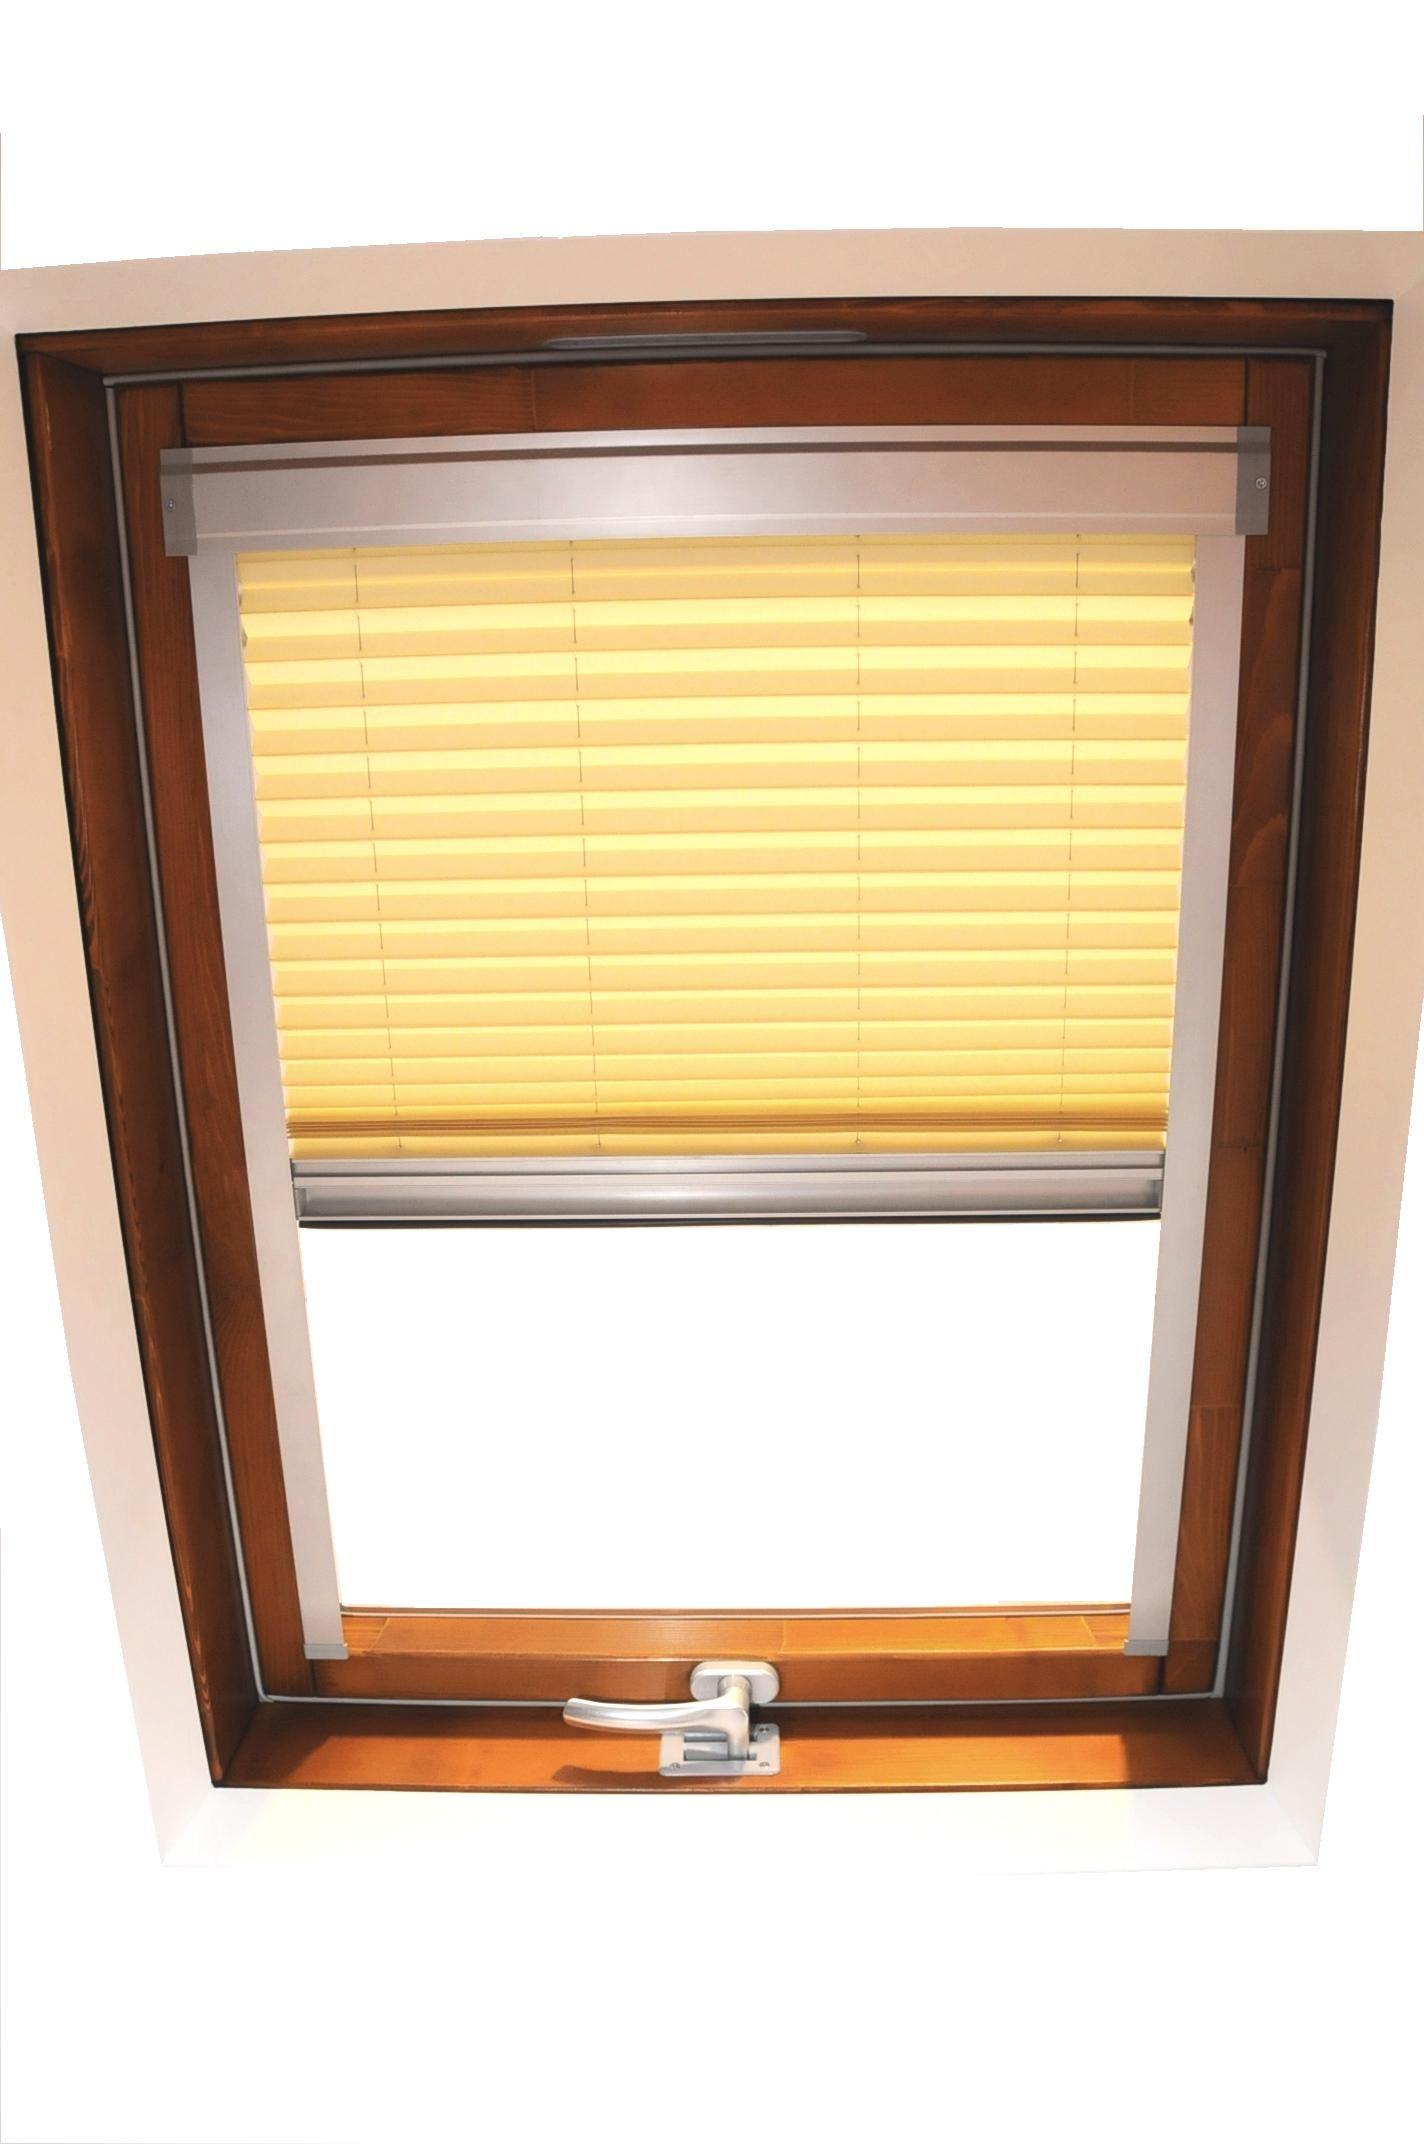 Accesorios y cortinas para ventanas de tejado